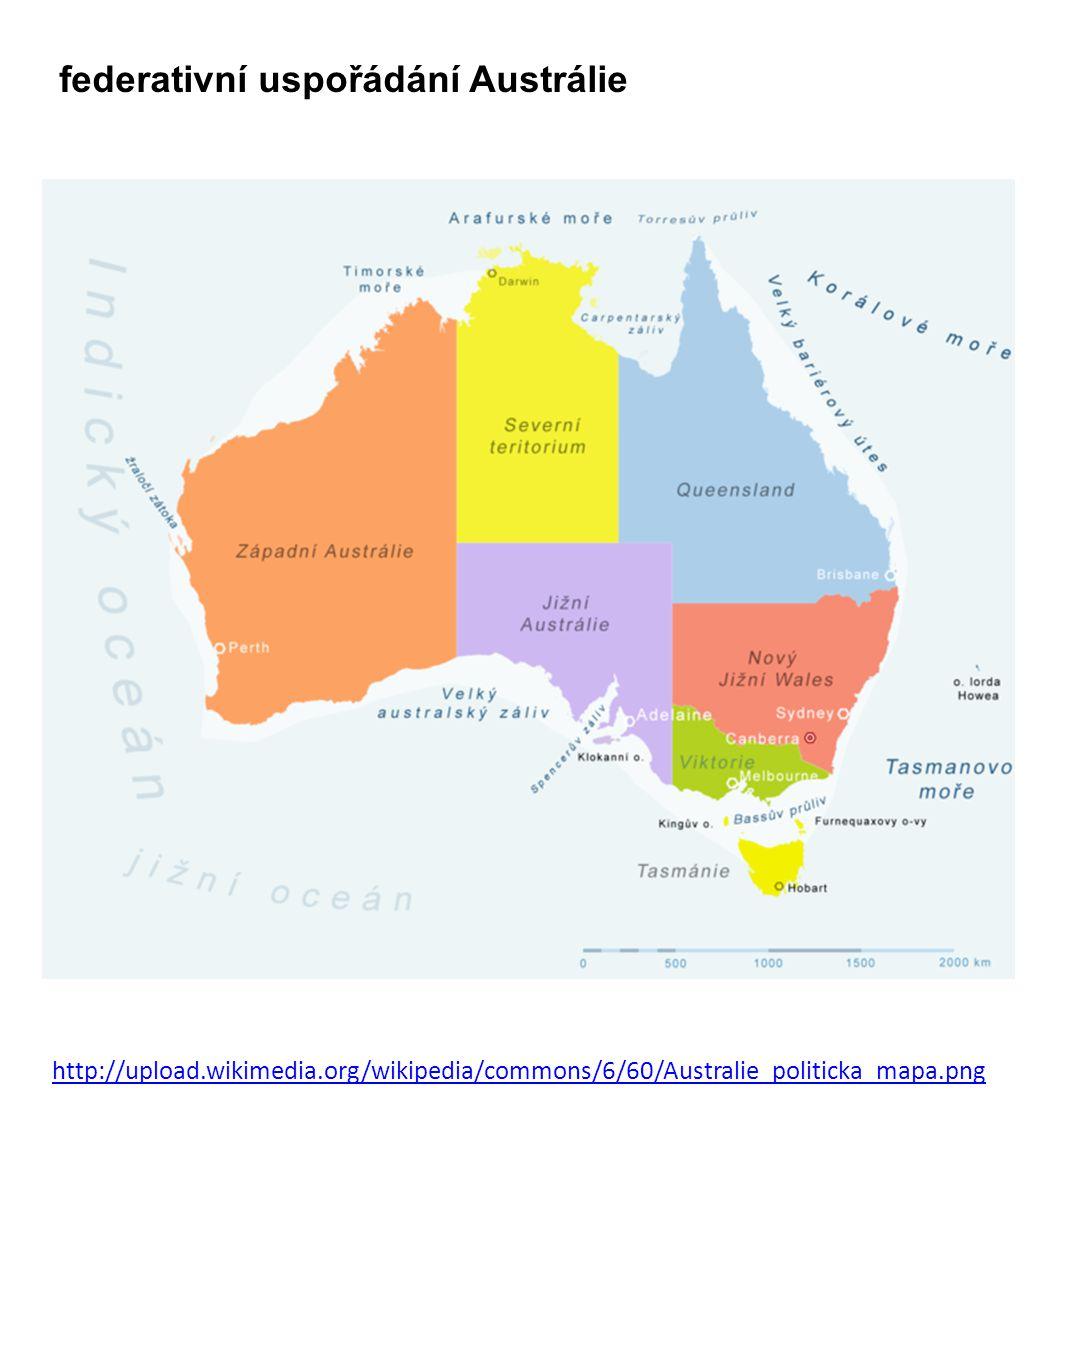 http://upload.wikimedia.org/wikipedia/commons/6/60/Australie_politicka_mapa.png federativní uspořádání Austrálie